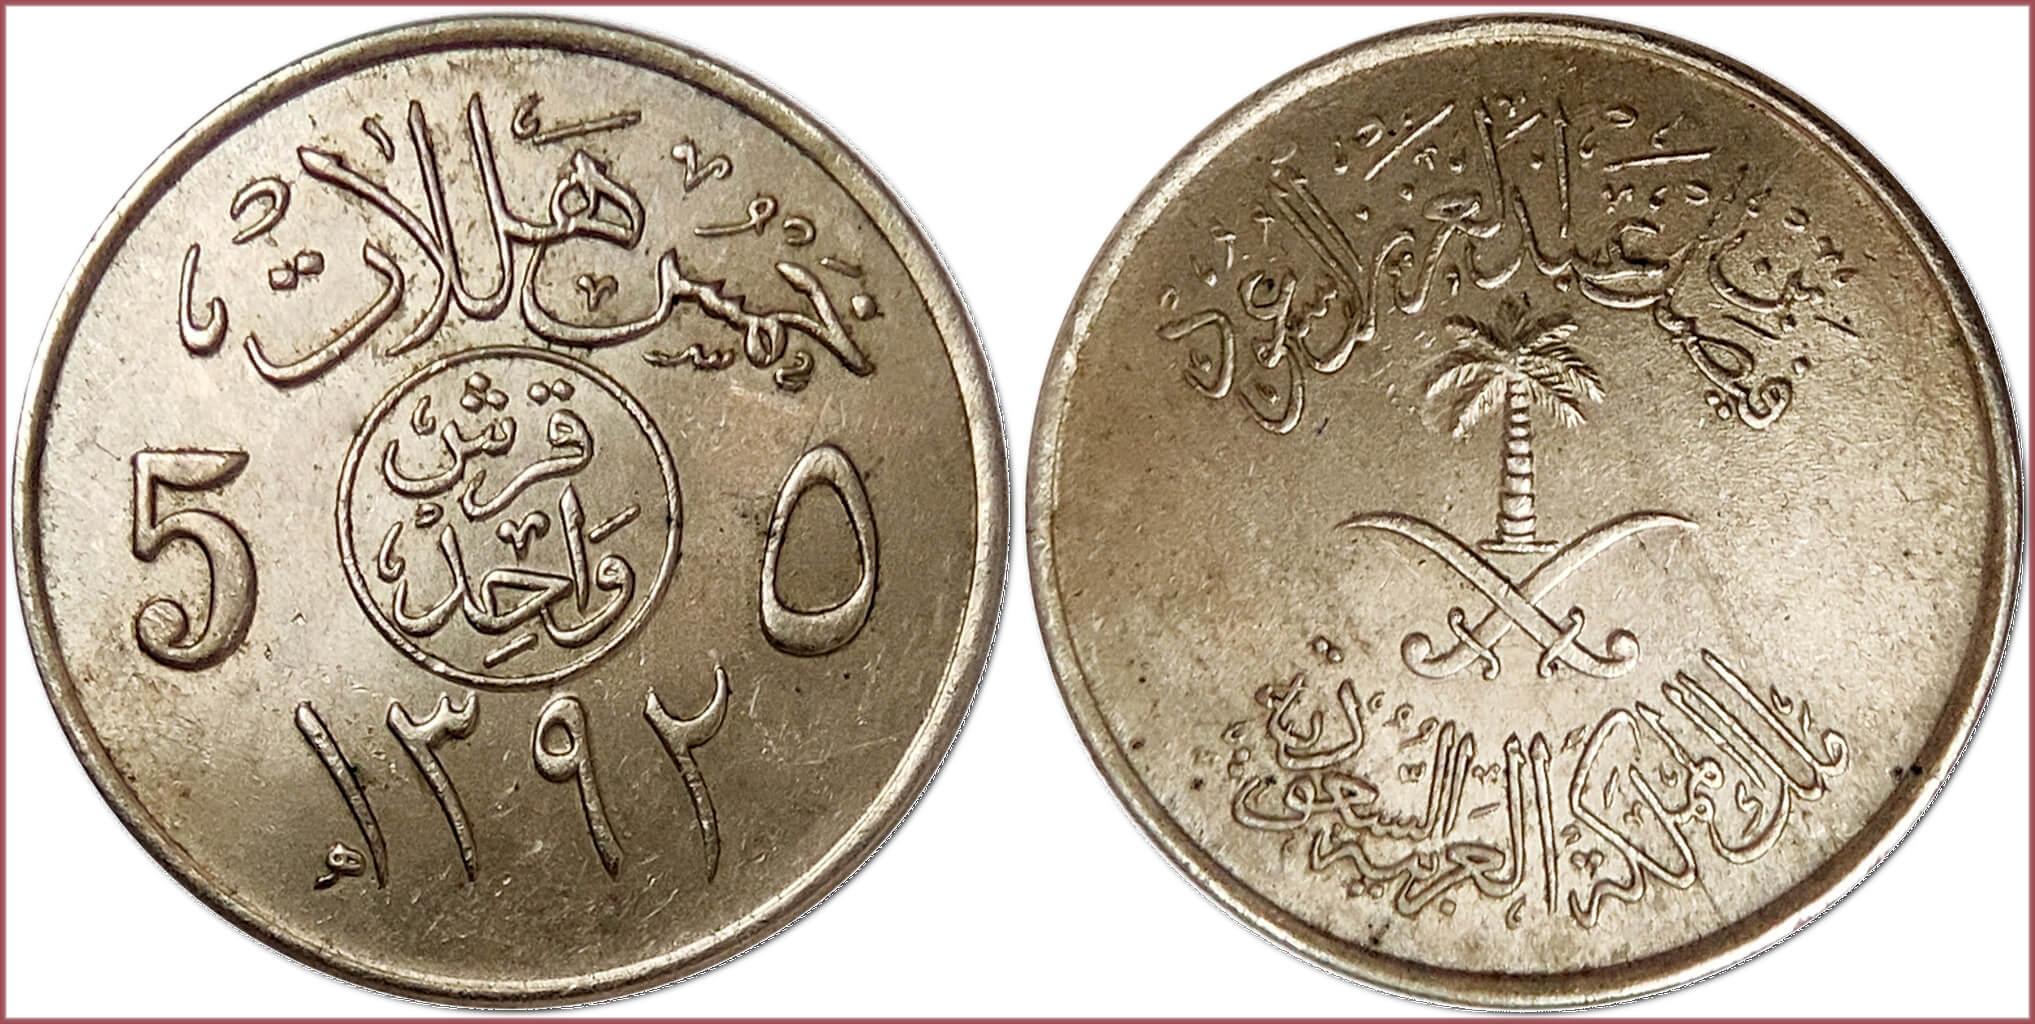 5 halala, 1972: Kingdom of Saudi Arabia